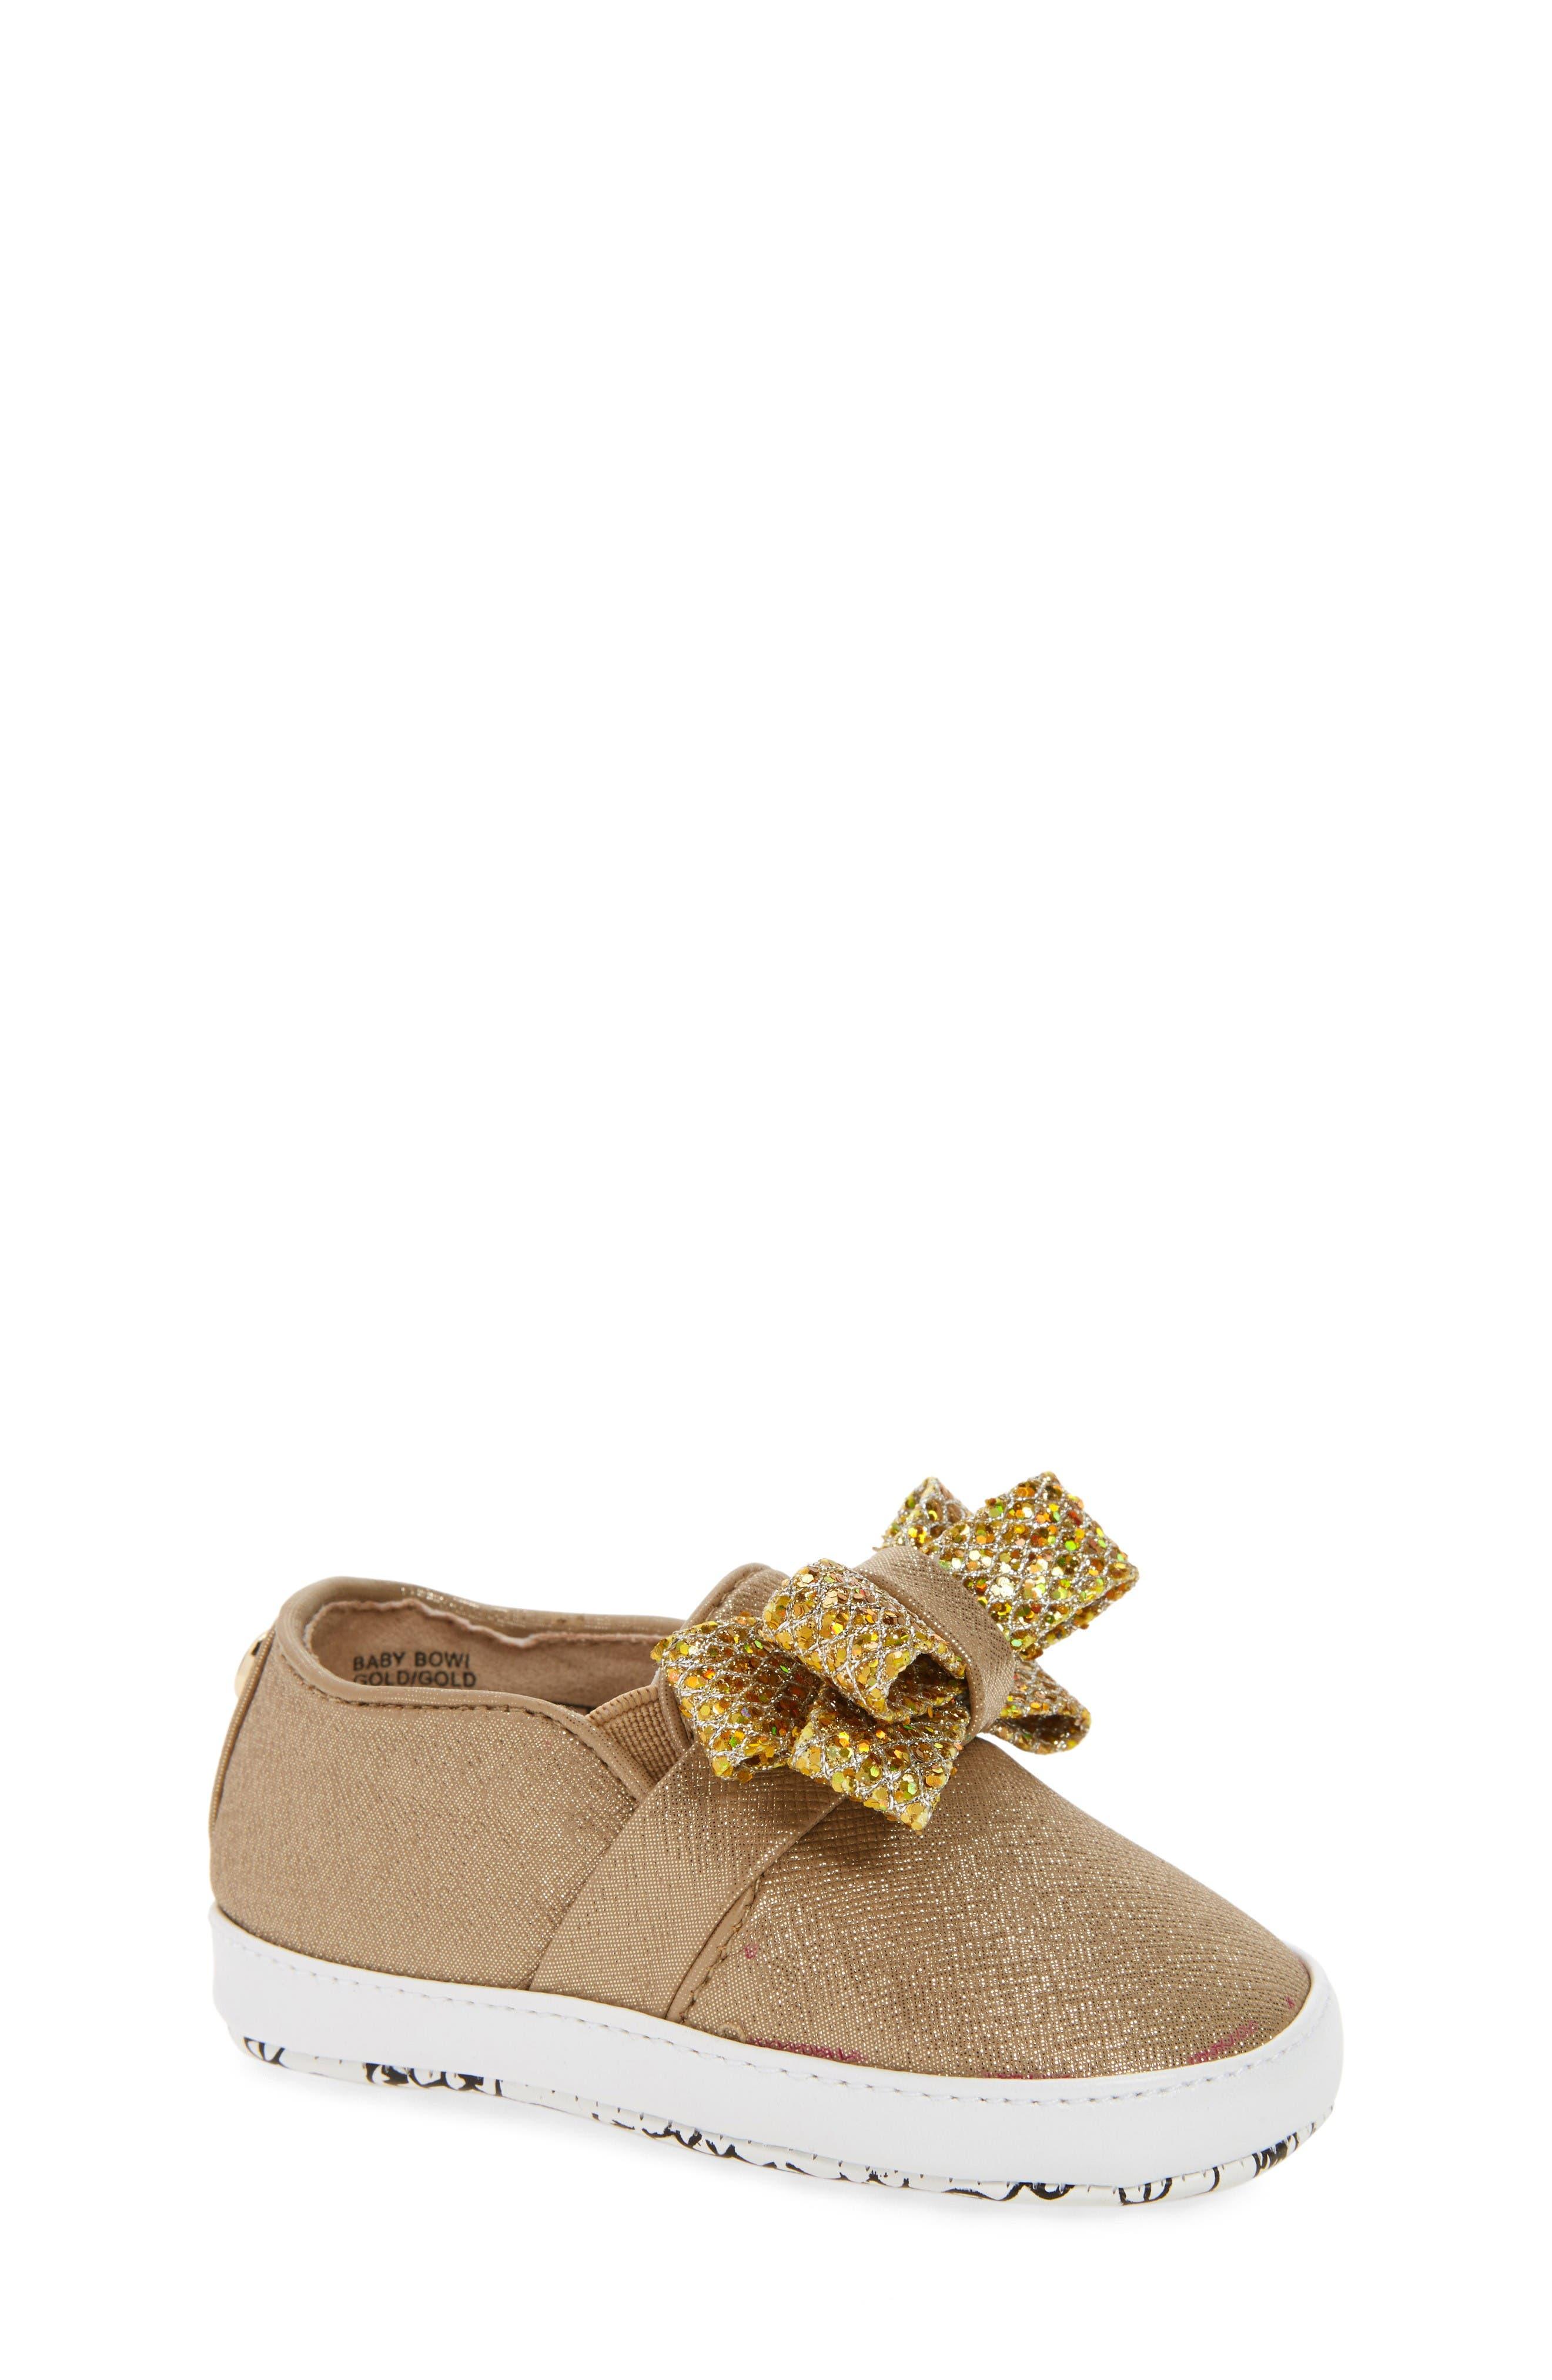 MICHAEL Michael Kors Baby Bowi Metallic Slip-On Crib Shoe (Baby)